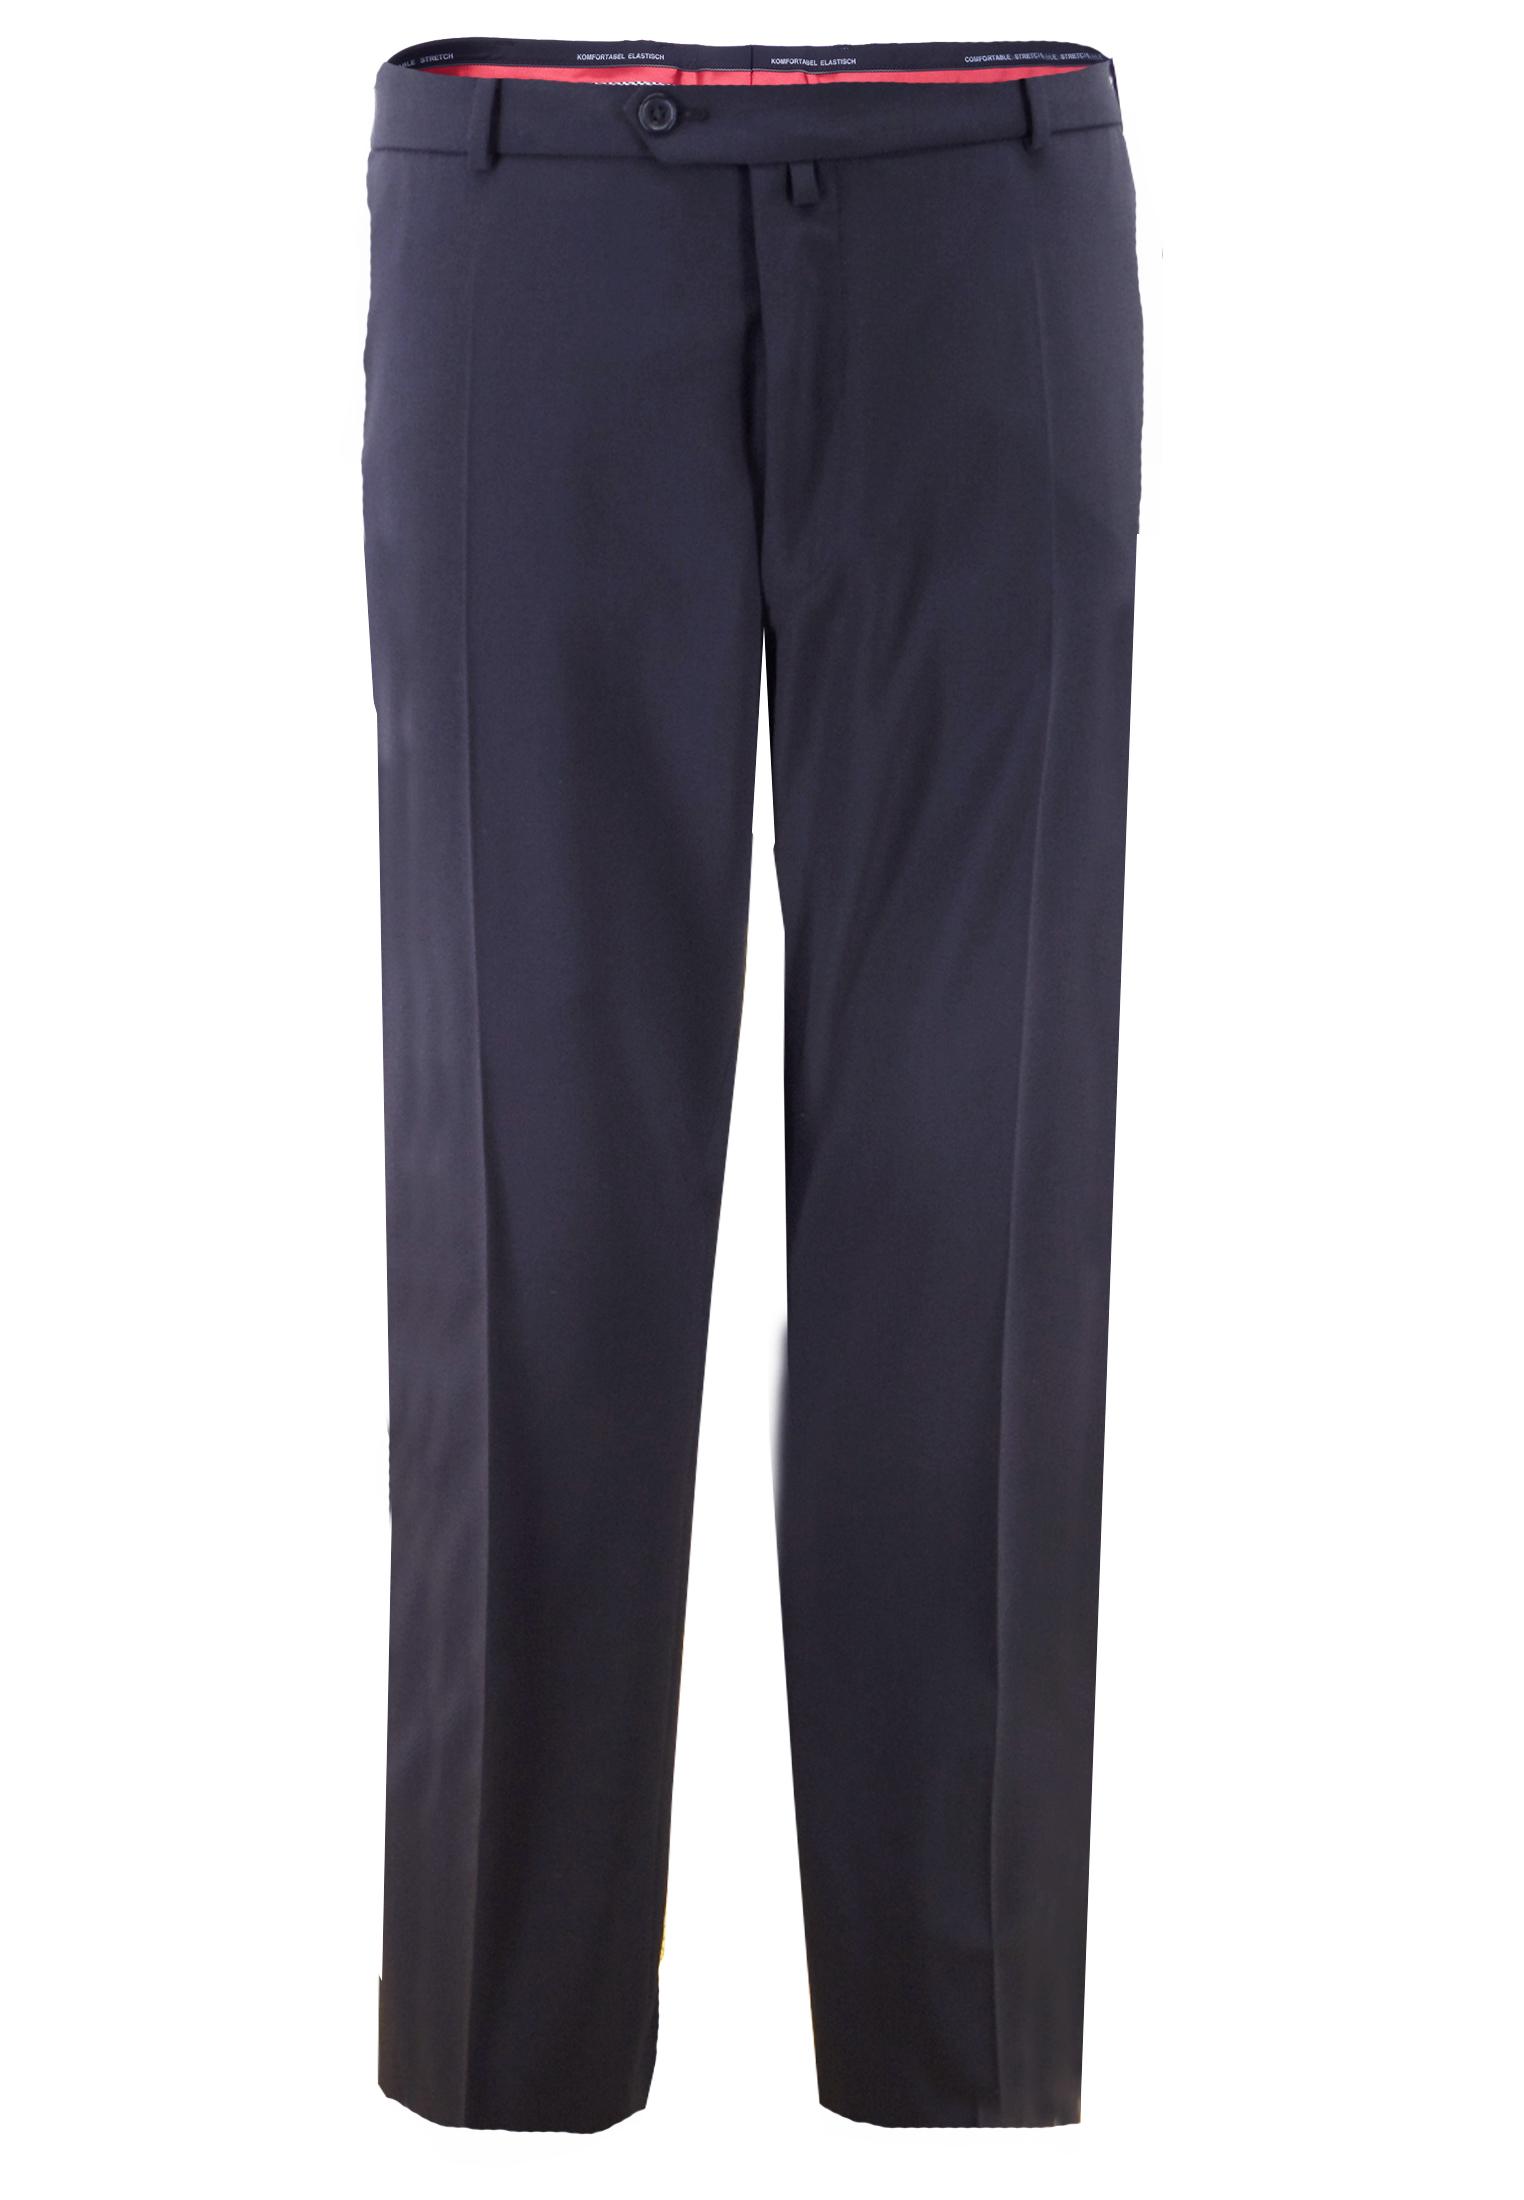 """Klotz heren pantalon Enrico De pantalon is uitgevoerd met een haak-knoop en ritssluiting, riemlussen, 2 steekzakken aan de voorzijde en 2 paspelzakken aan de achterzijde. Het familie bedrijf Klotz maakt al sinds 1949 herenmode met een sublieme pasvorm. De zachte stof (60% zuiver scheerwol) zorgt voor een hoog draagcomfort. De pantalons zijn goed te combineren met de bijpassende colberts """"Stresa"""" uit het Klotz atelier, waarbij u Klotz pantalon combinaties kunt maken uit de kleuren Donker blauw, Antraciet Grijs en Zwart. Van 60% Scheerwol, 38% Polyester Beschikbare lengte: 33 Inch"""